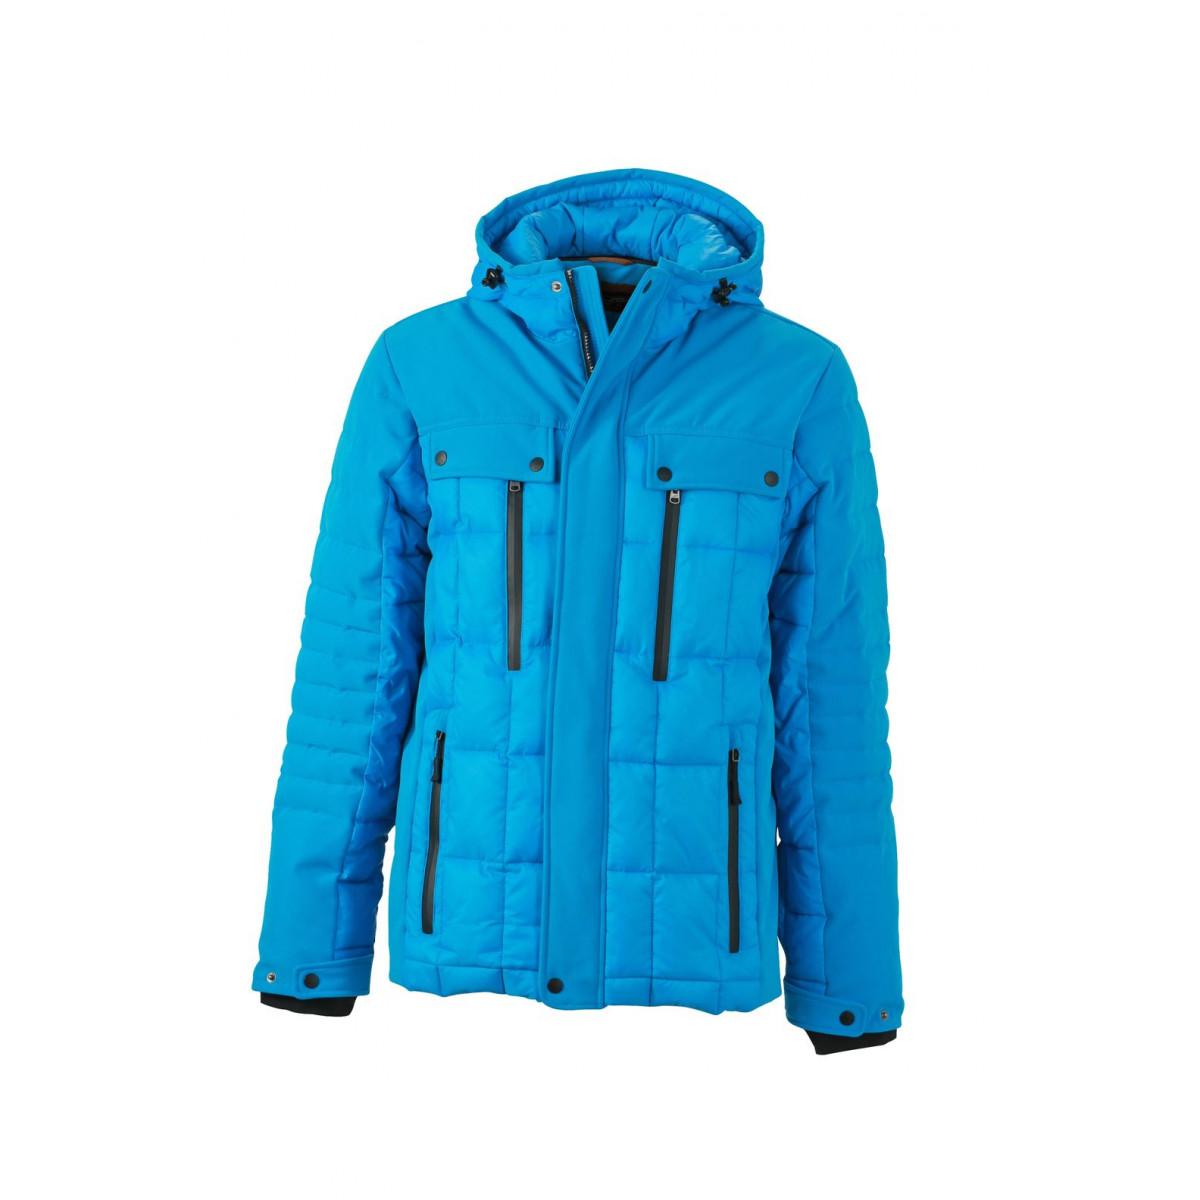 Куртка мужская JN1102 Mens Wintersport Jacket - Аква/Черный